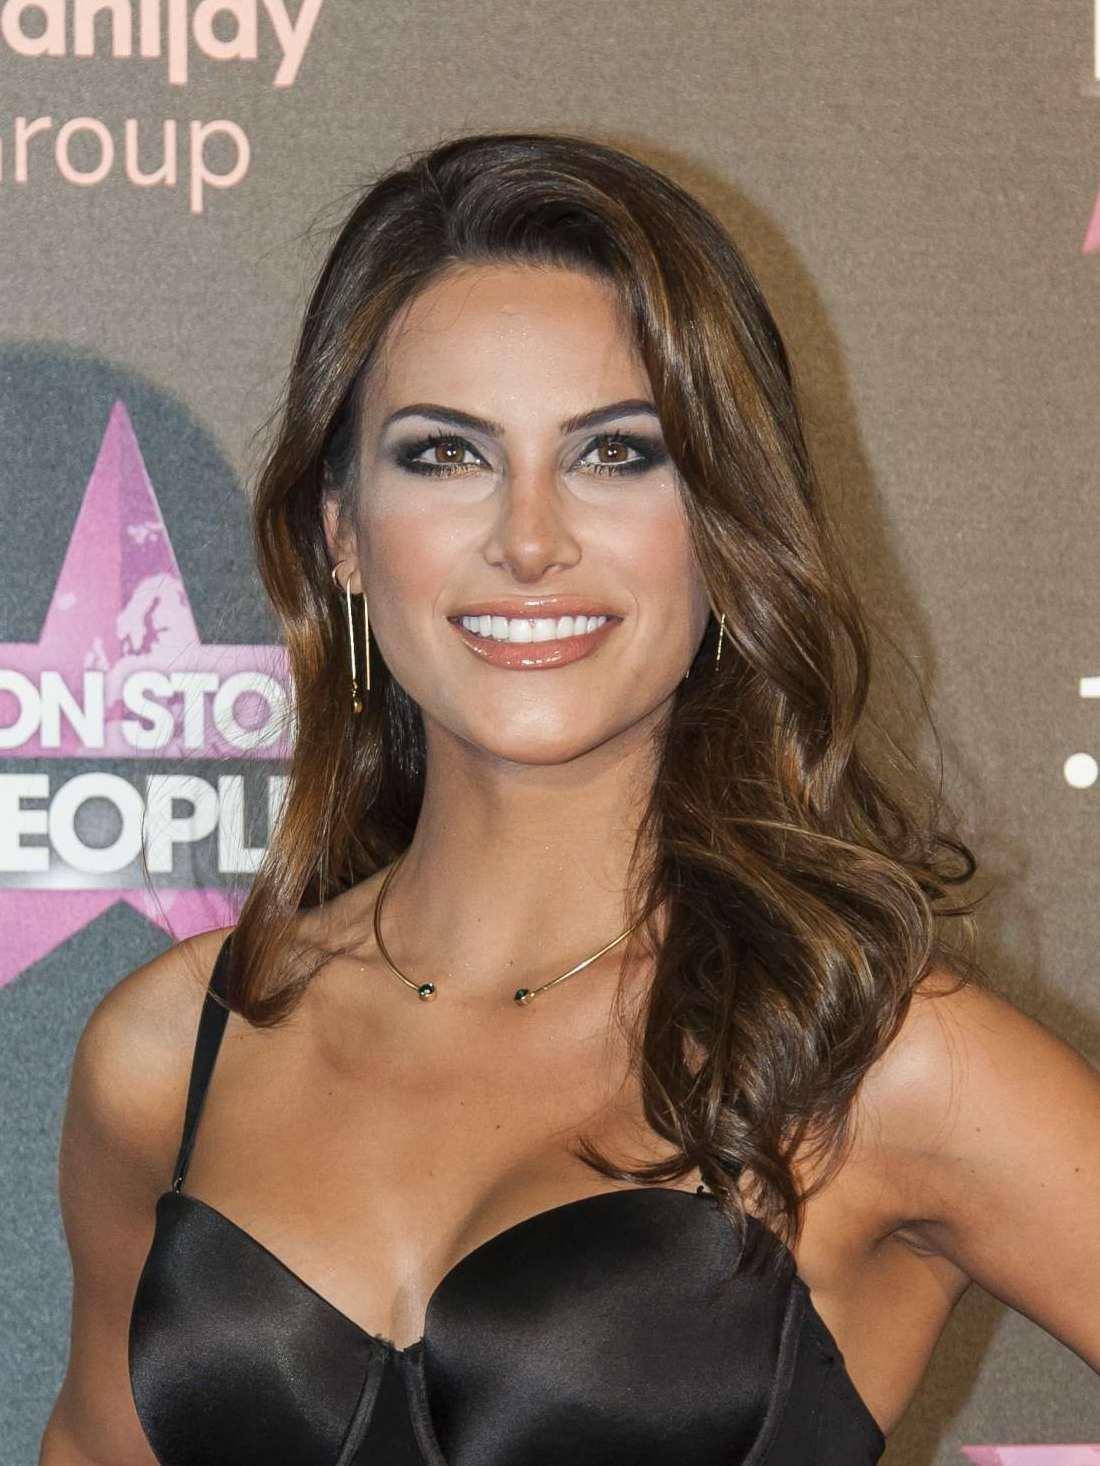 ¿Que piensas de los concursos de belleza? Non_Stop_People_-_Carla_Garc%C3%ADa-_Miss_Universo_España_%2821635412282%29_%28cropped%29